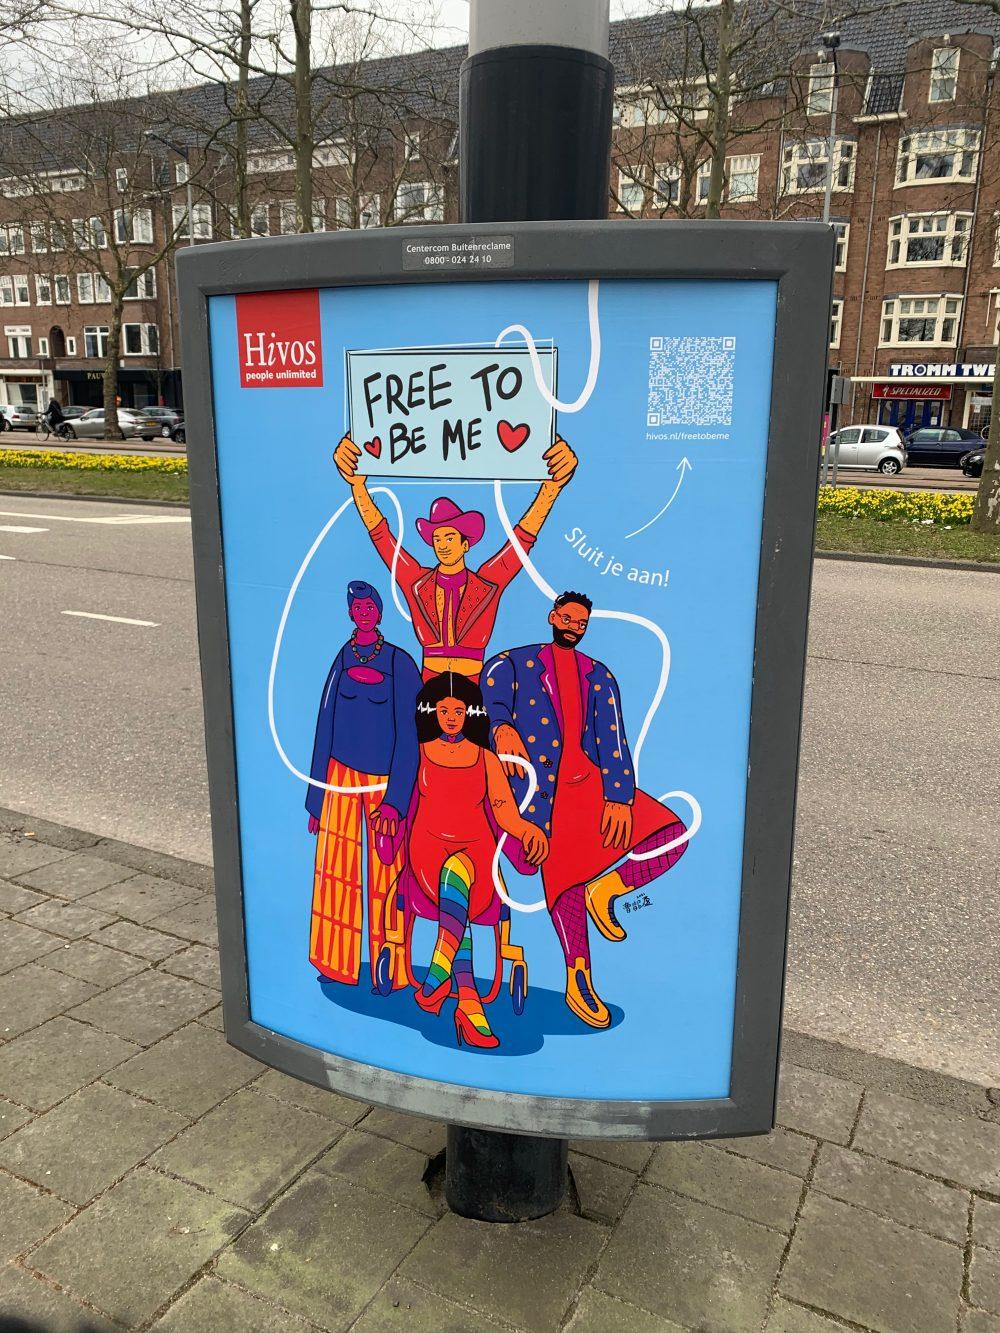 Hivos campaign, 2021